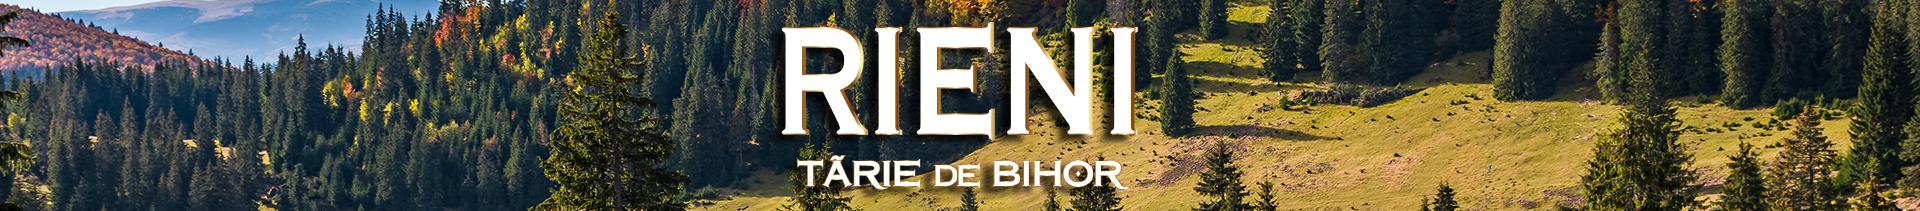 tarie-de-bihor2